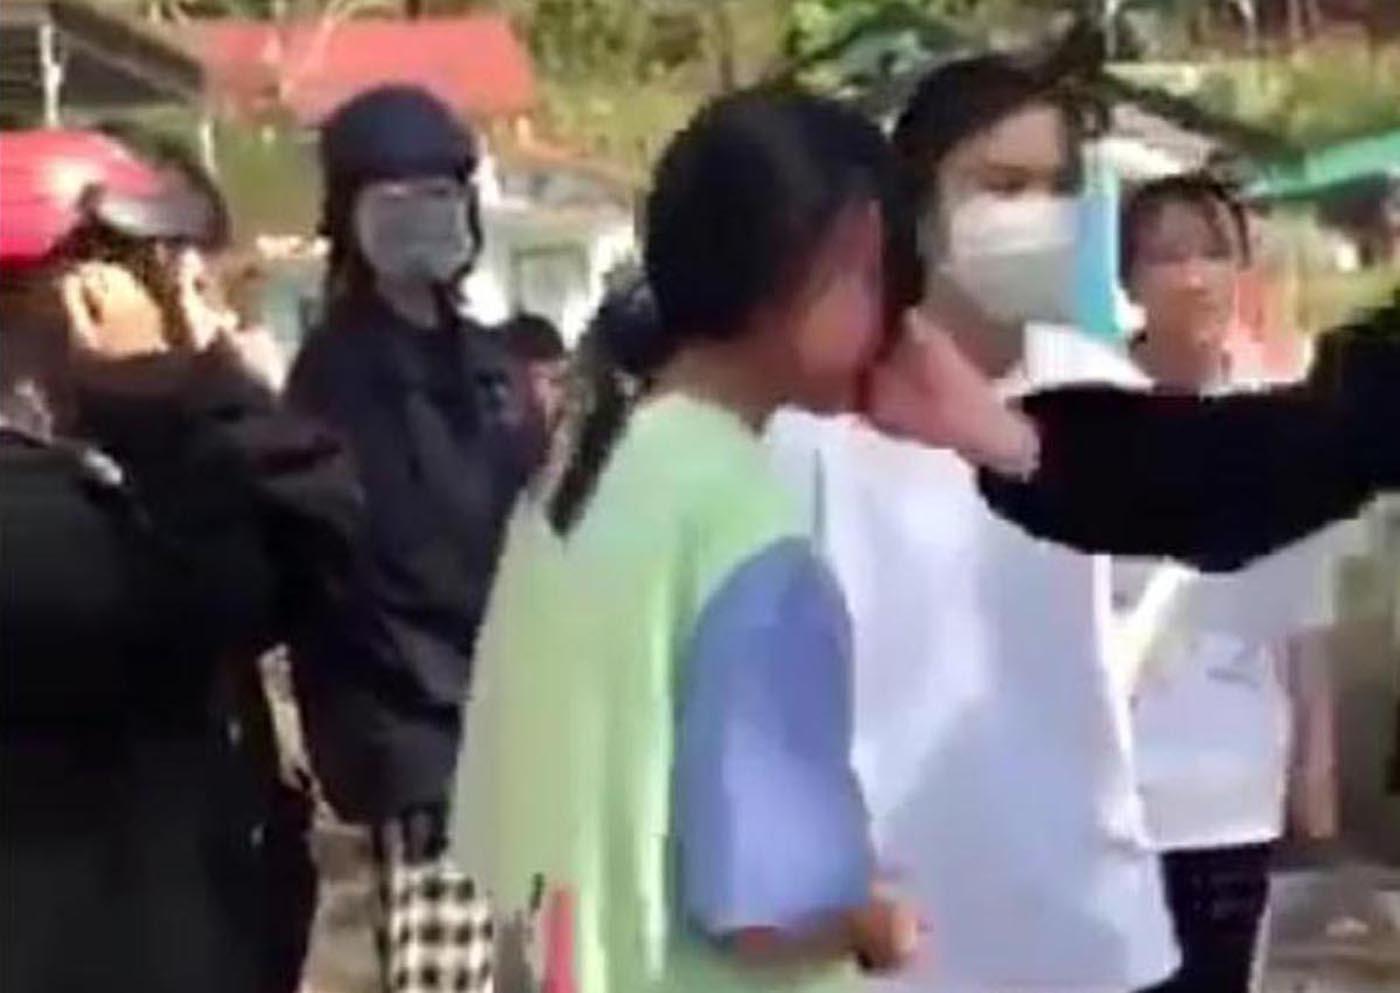 Nhóm nữ sinh cấp 2 ở Lâm Đồng đánh bạn tàn tệ tại nghĩa trang